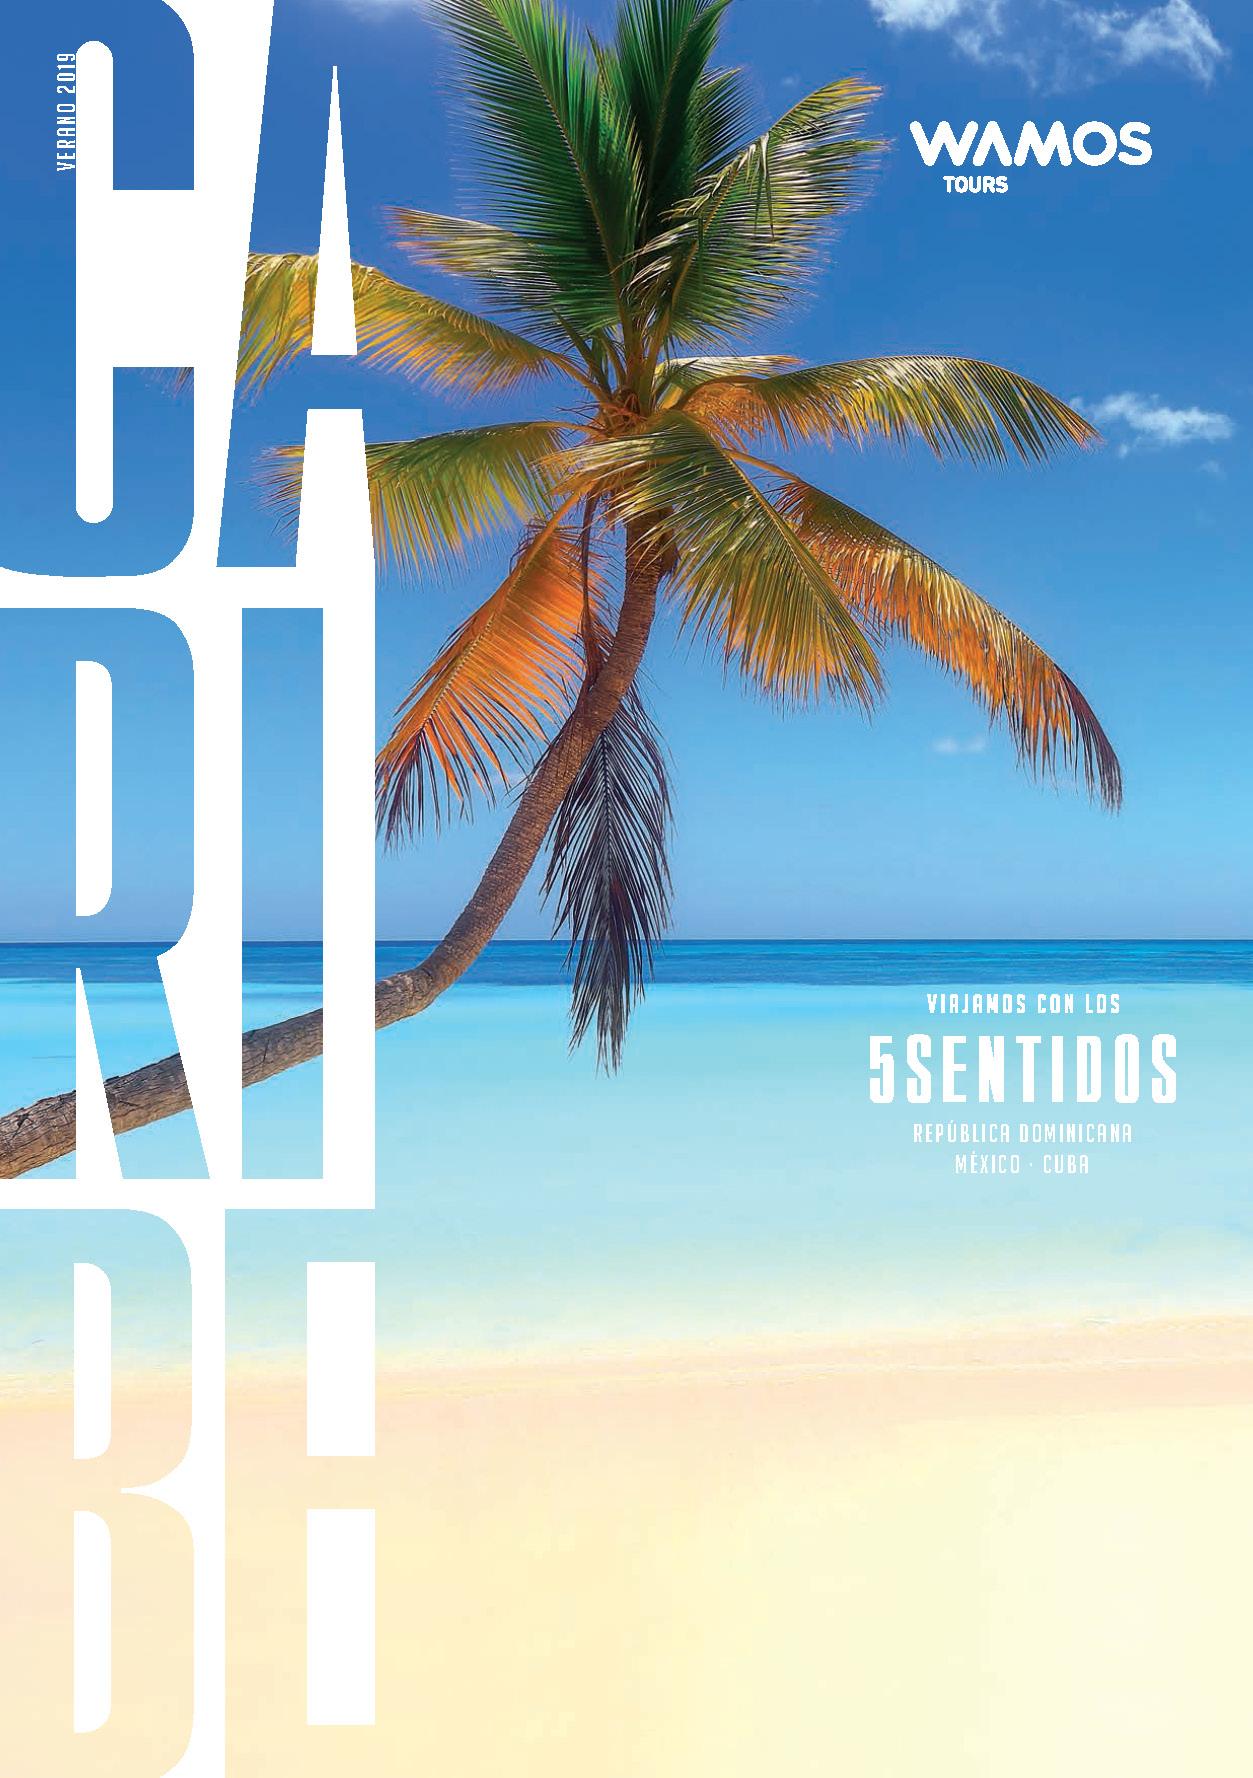 Catalogo Wamos Tours Caribe Verano 2019